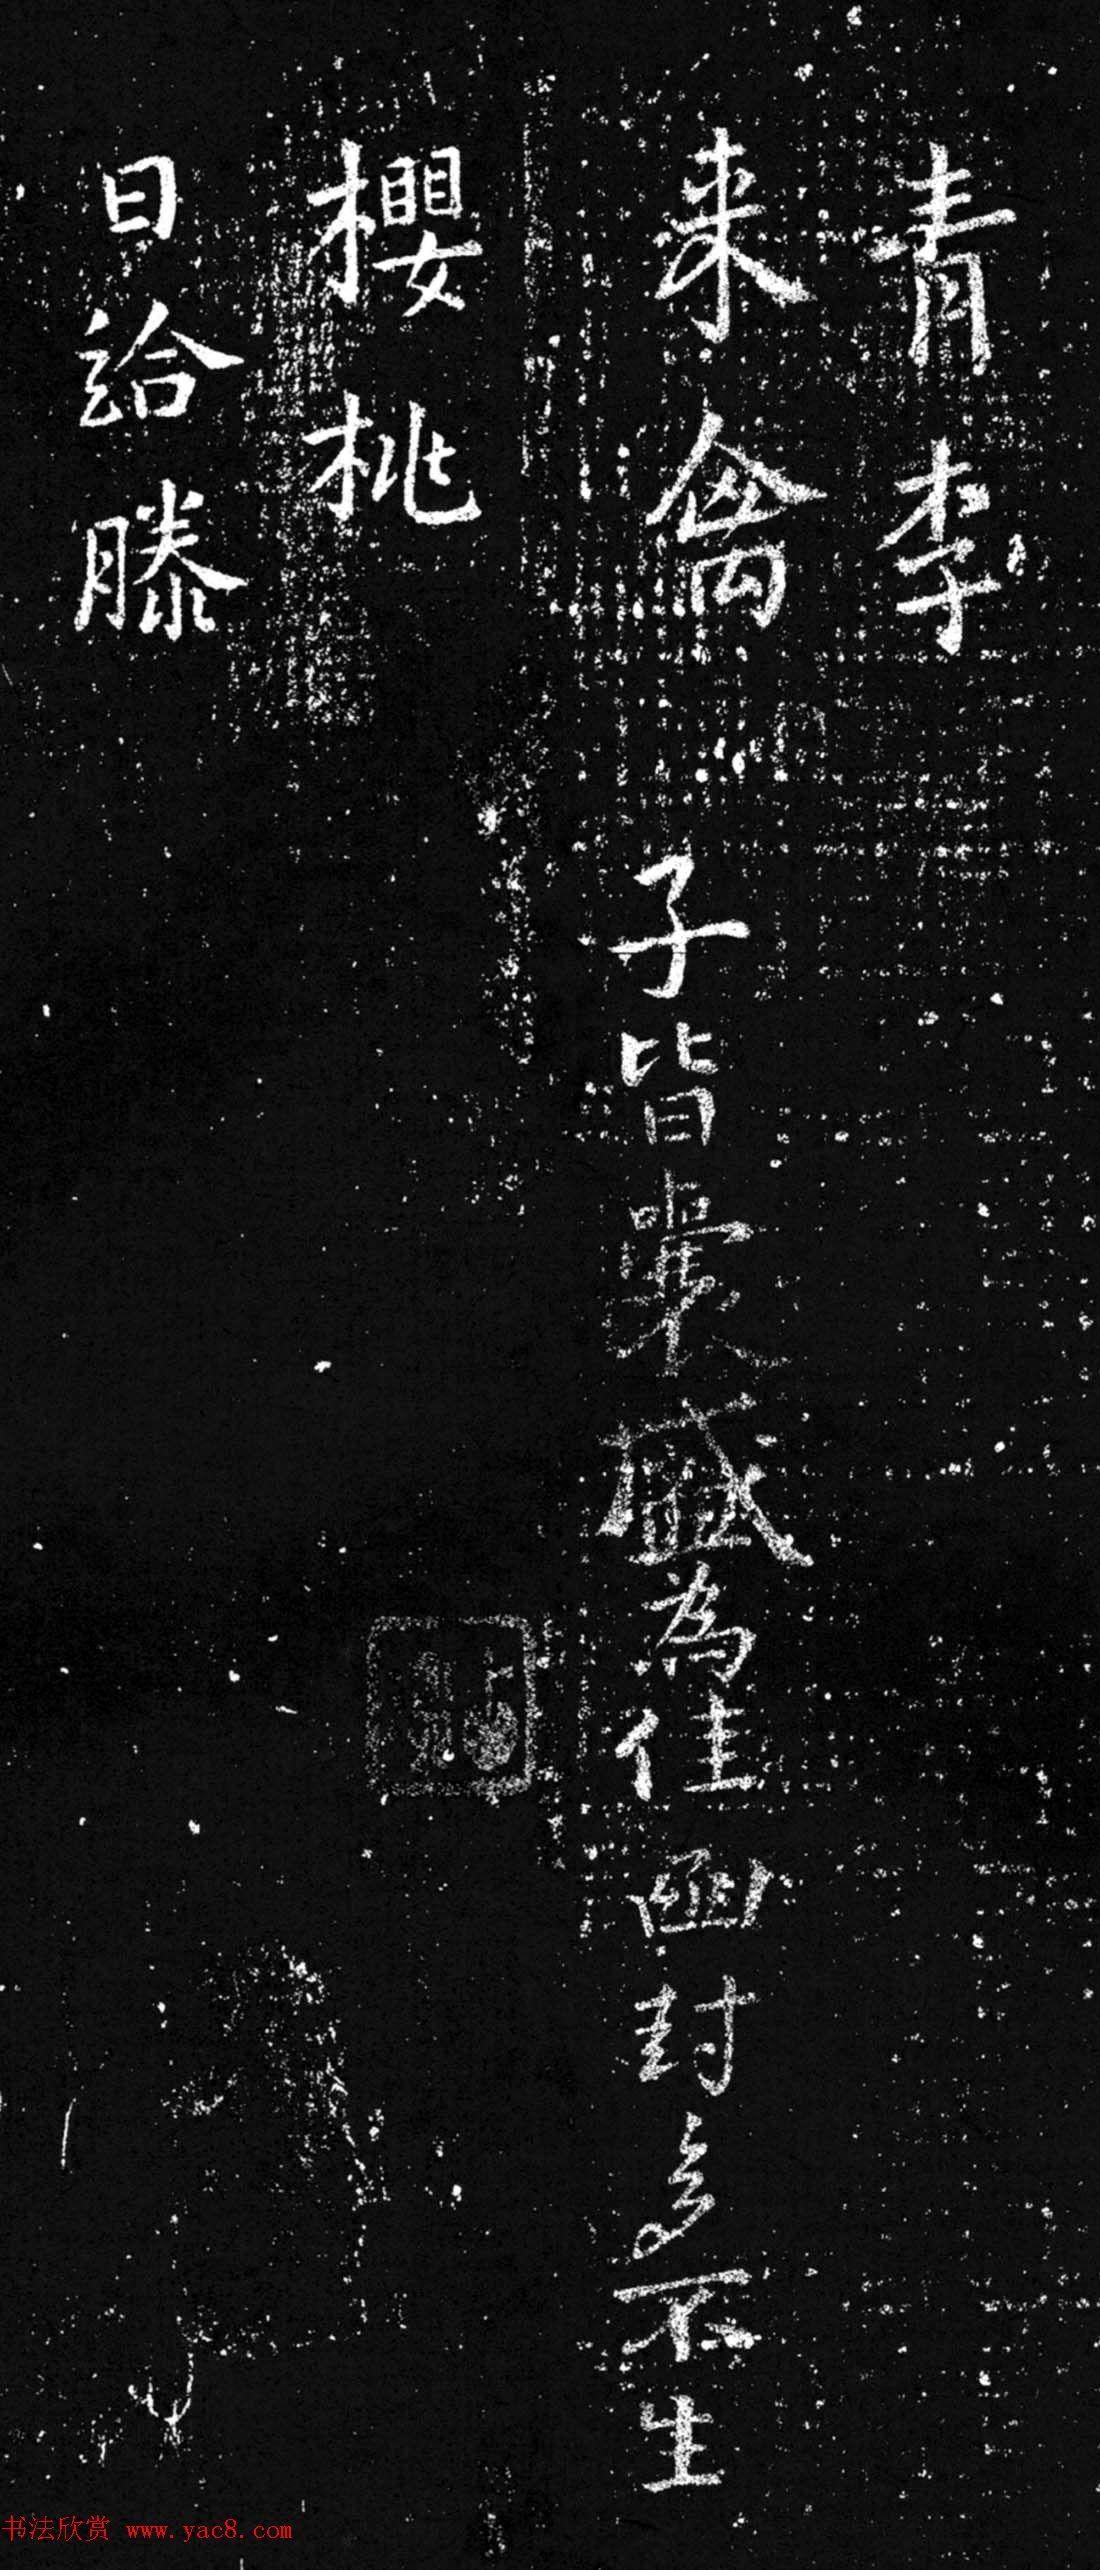 王羲之楷书欣赏《青李来禽帖》